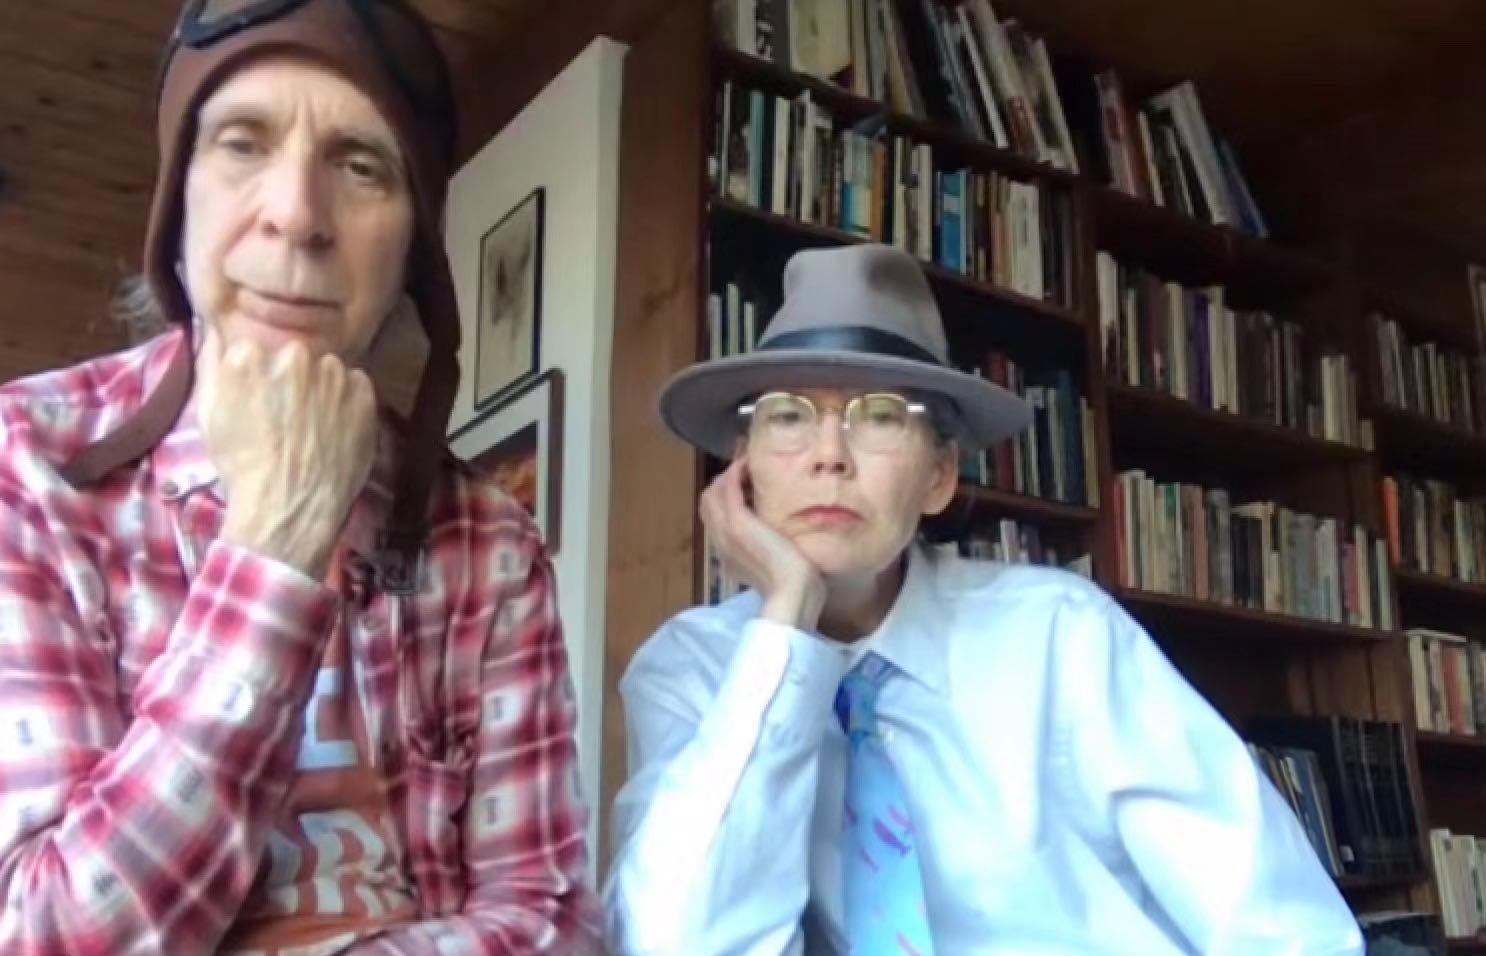 安妮·卡森(右)在隔离期间居住的小木屋,给学生上网课时的画面。